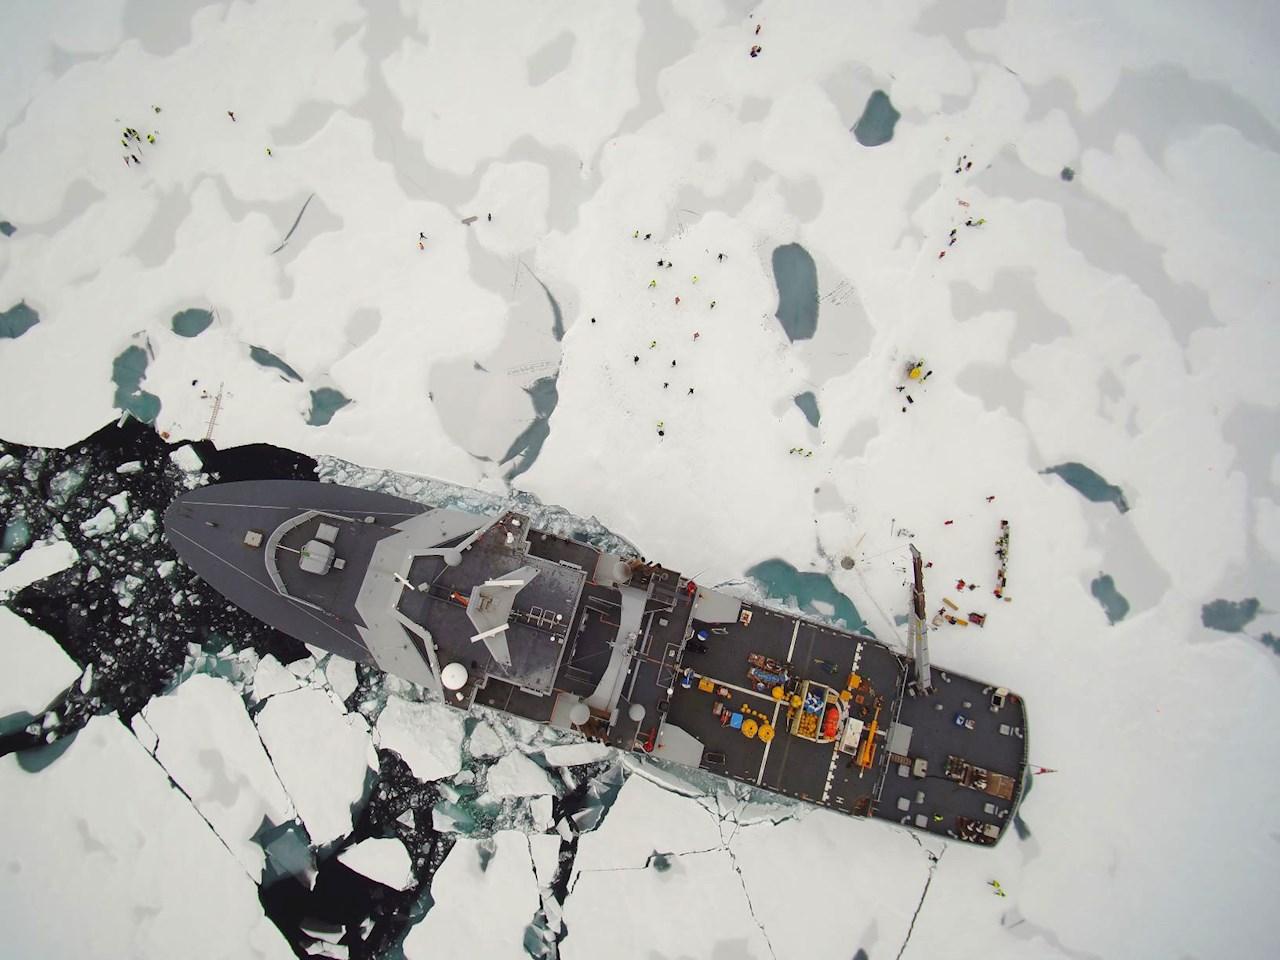 Icebreaker KV Svalbard at the North Pole